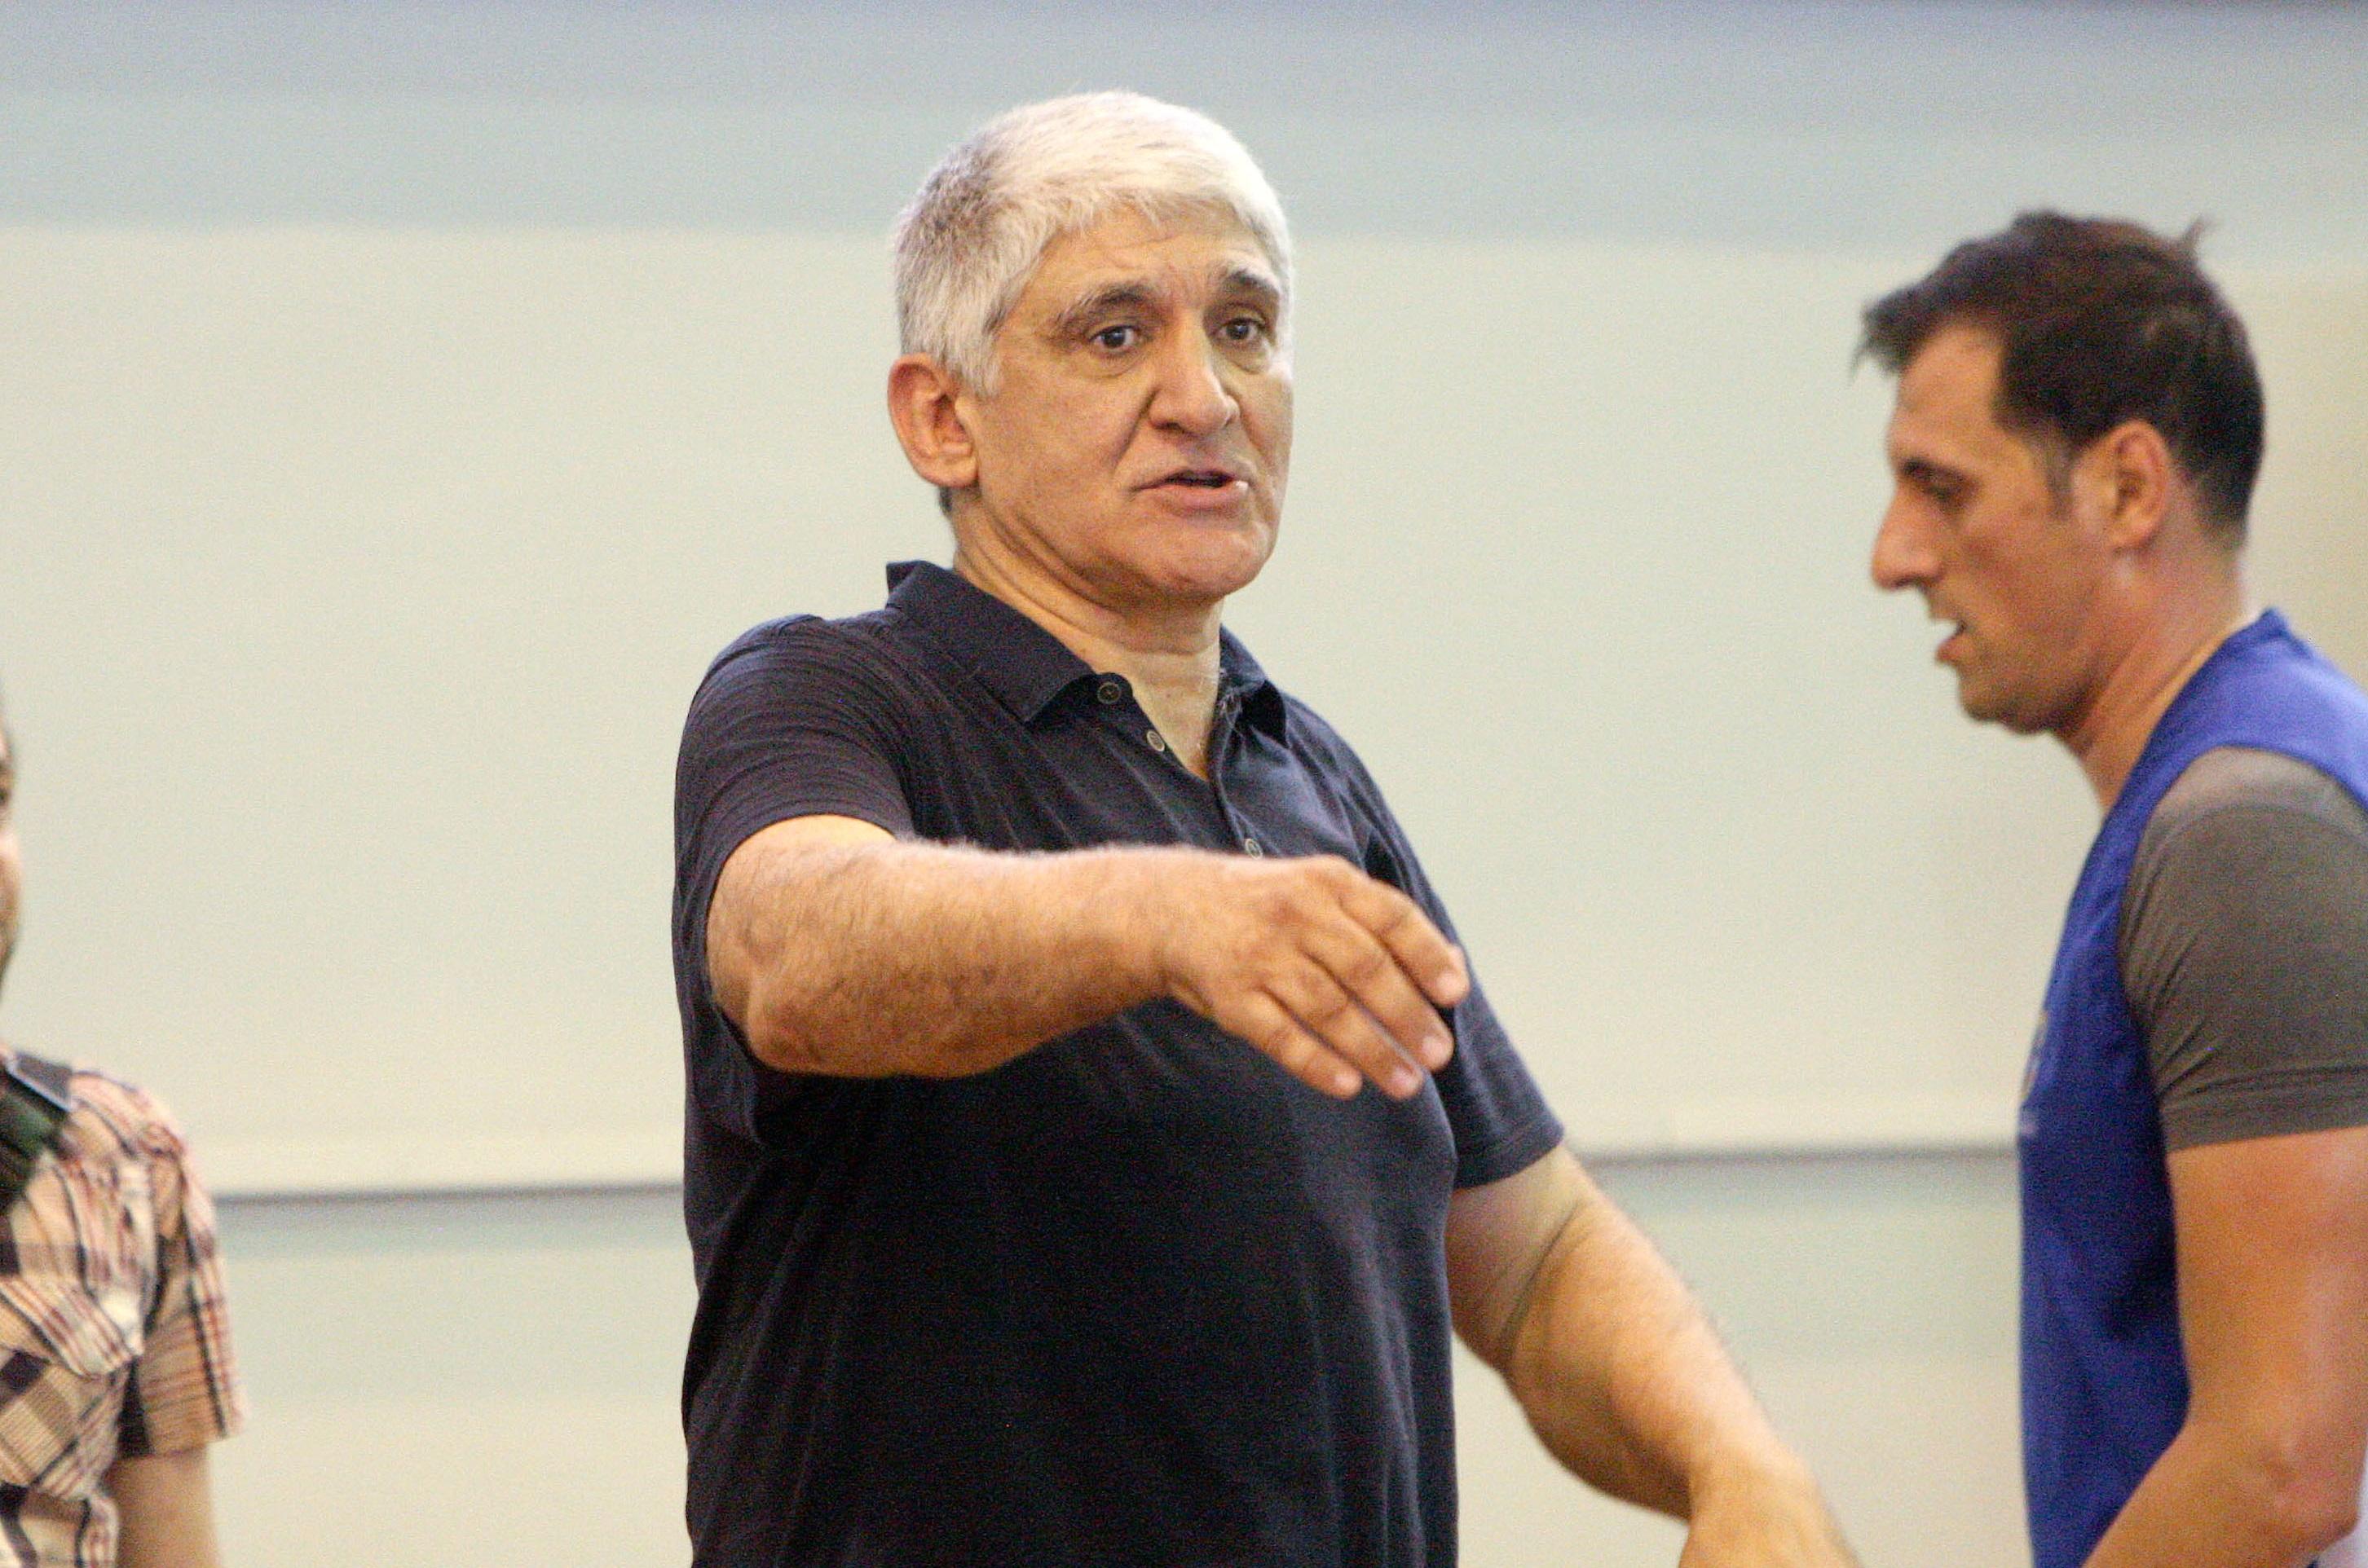 """Ομπράντοβιτς για Γιαννάκη: """"Από τους σπουδαιότερους ανθρώπους του ευρωπαϊκού μπάσκετ"""""""